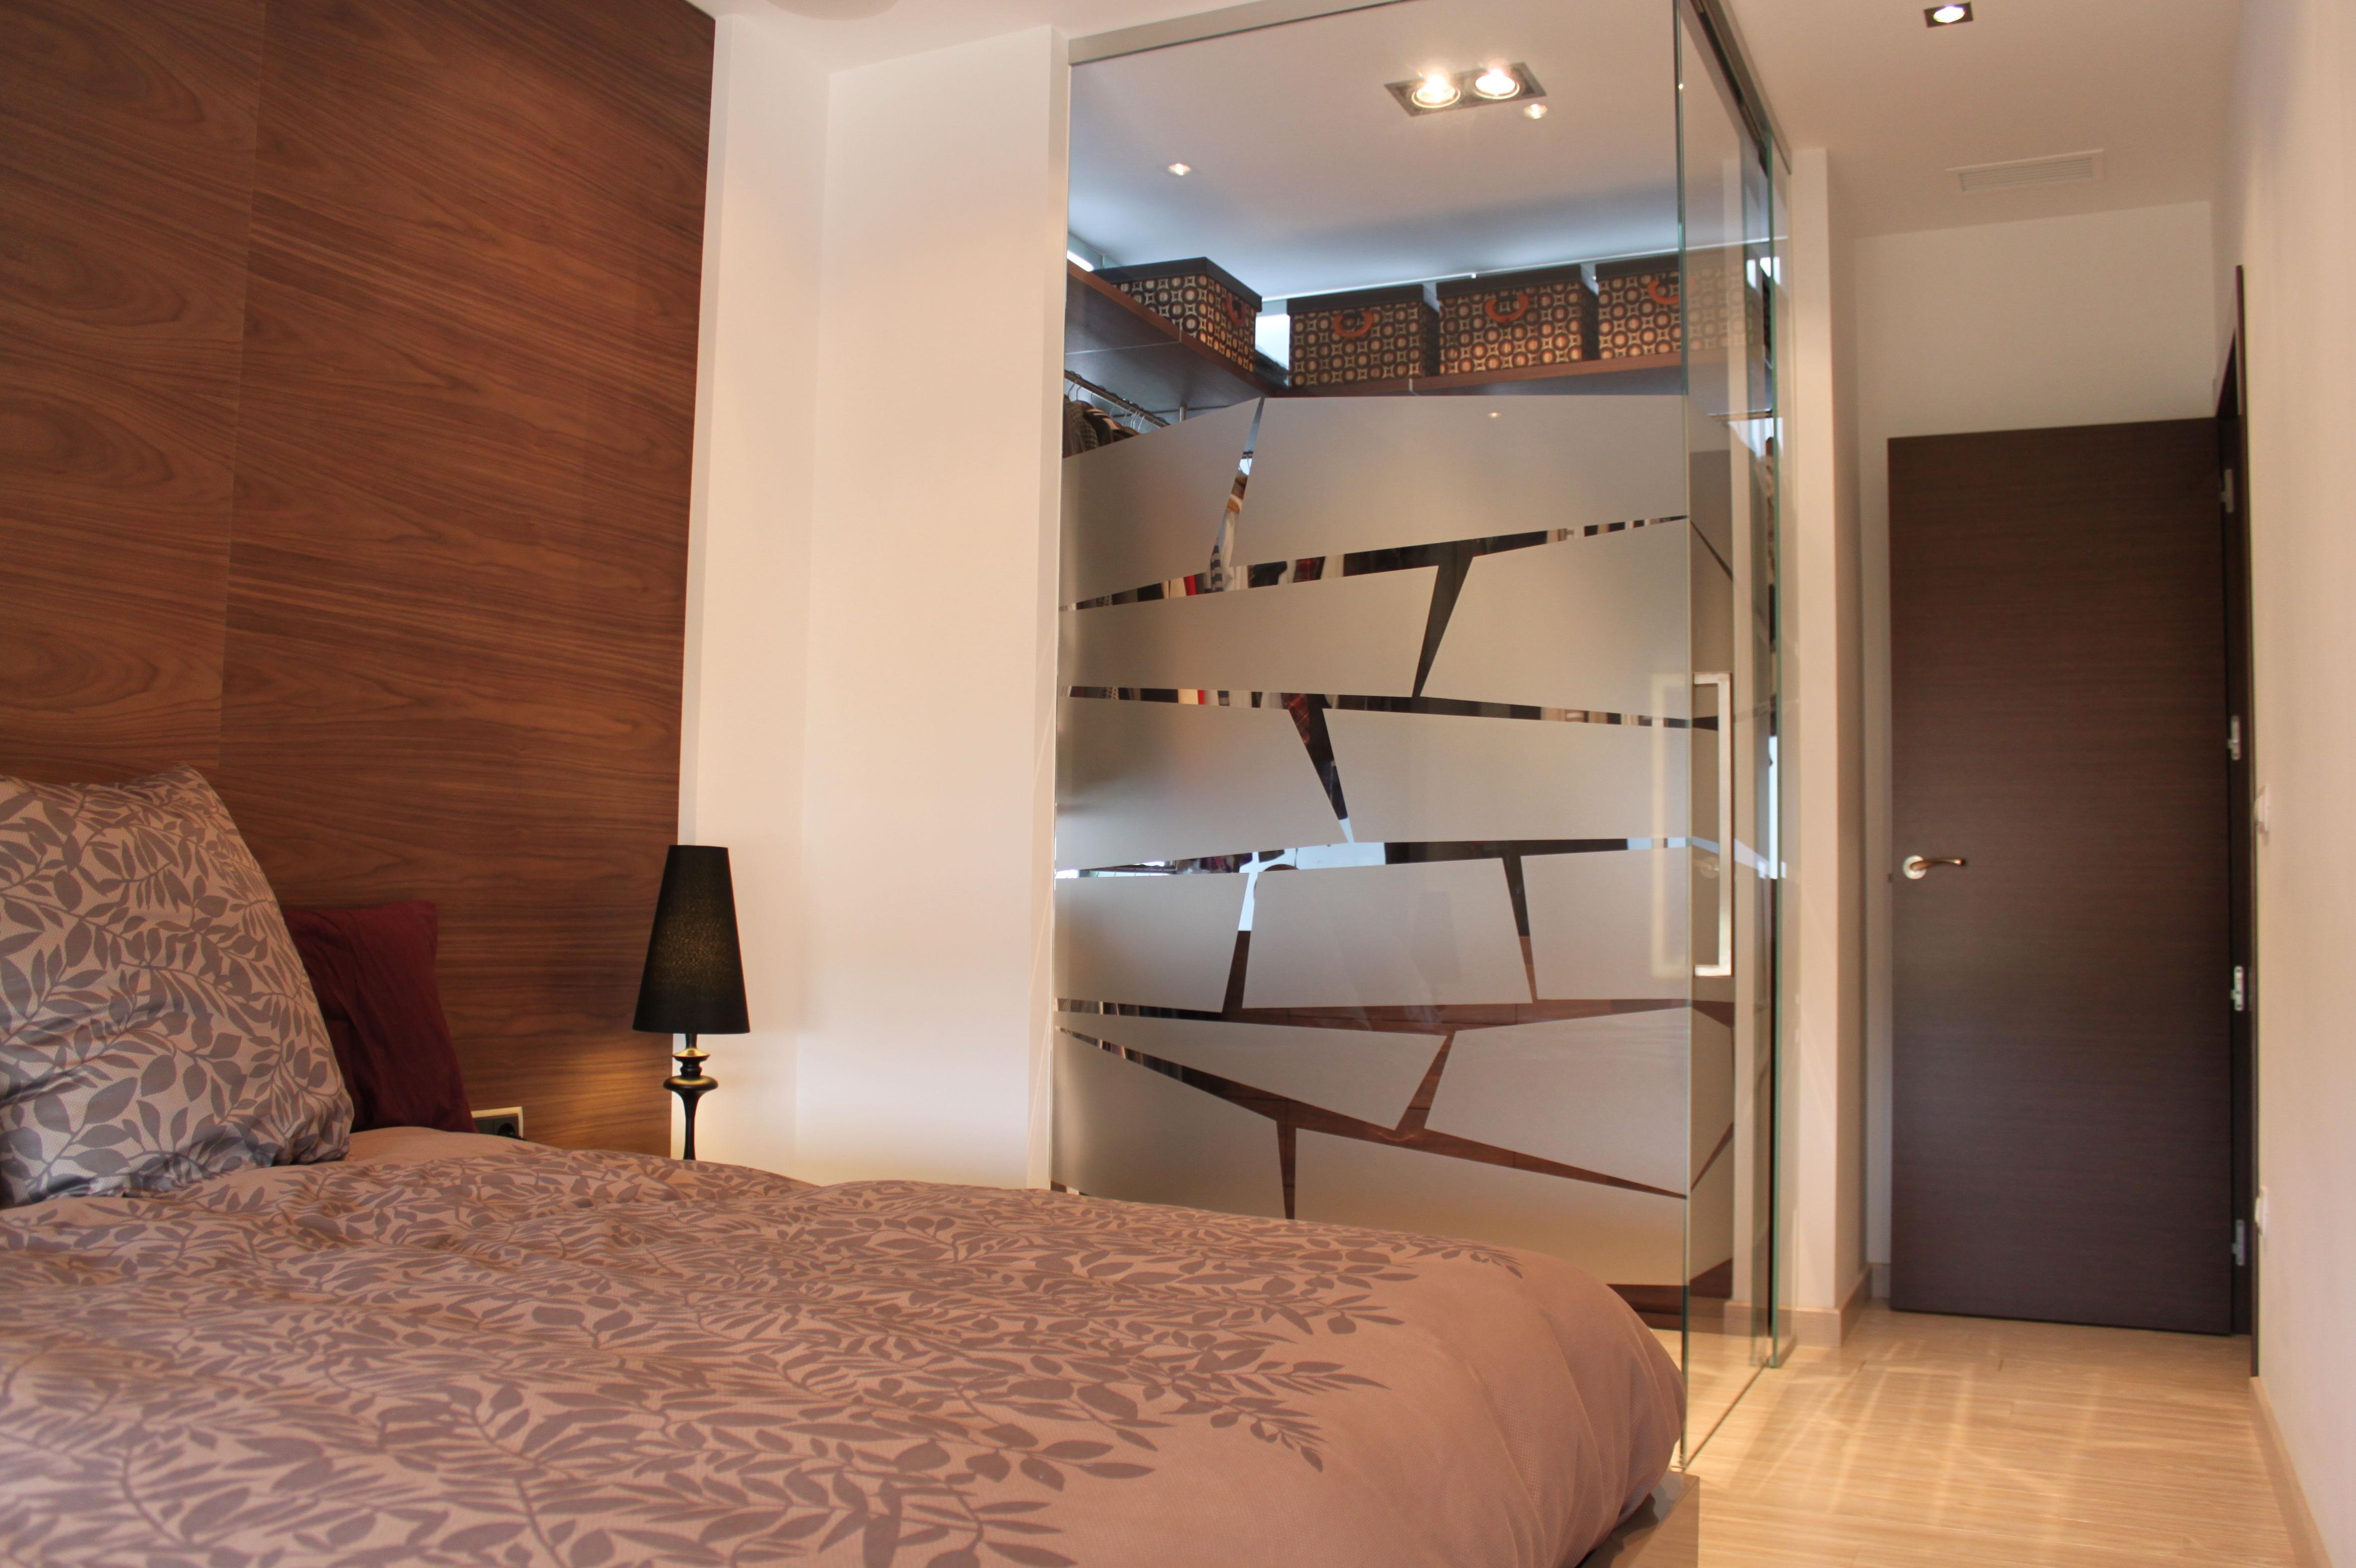 Puertas interiores de vidrio productos y sevicios de - Puertas de cristal para interiores ...